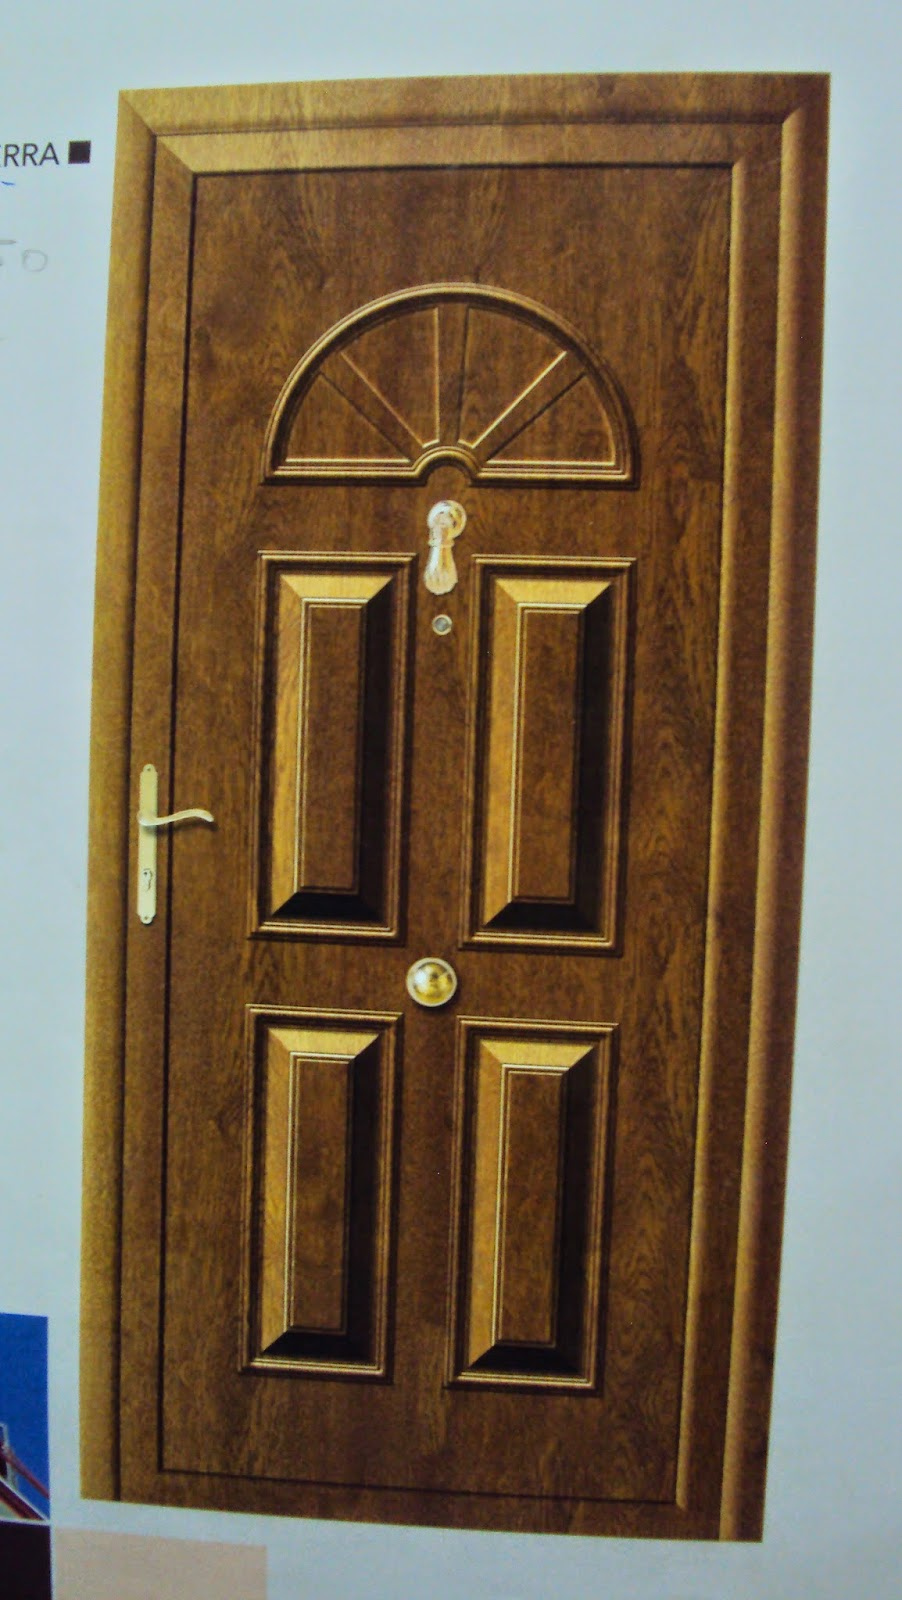 Aluminio y cerrajer a abel y cesar santiuste de san juan - Puertas de aluminio color madera ...